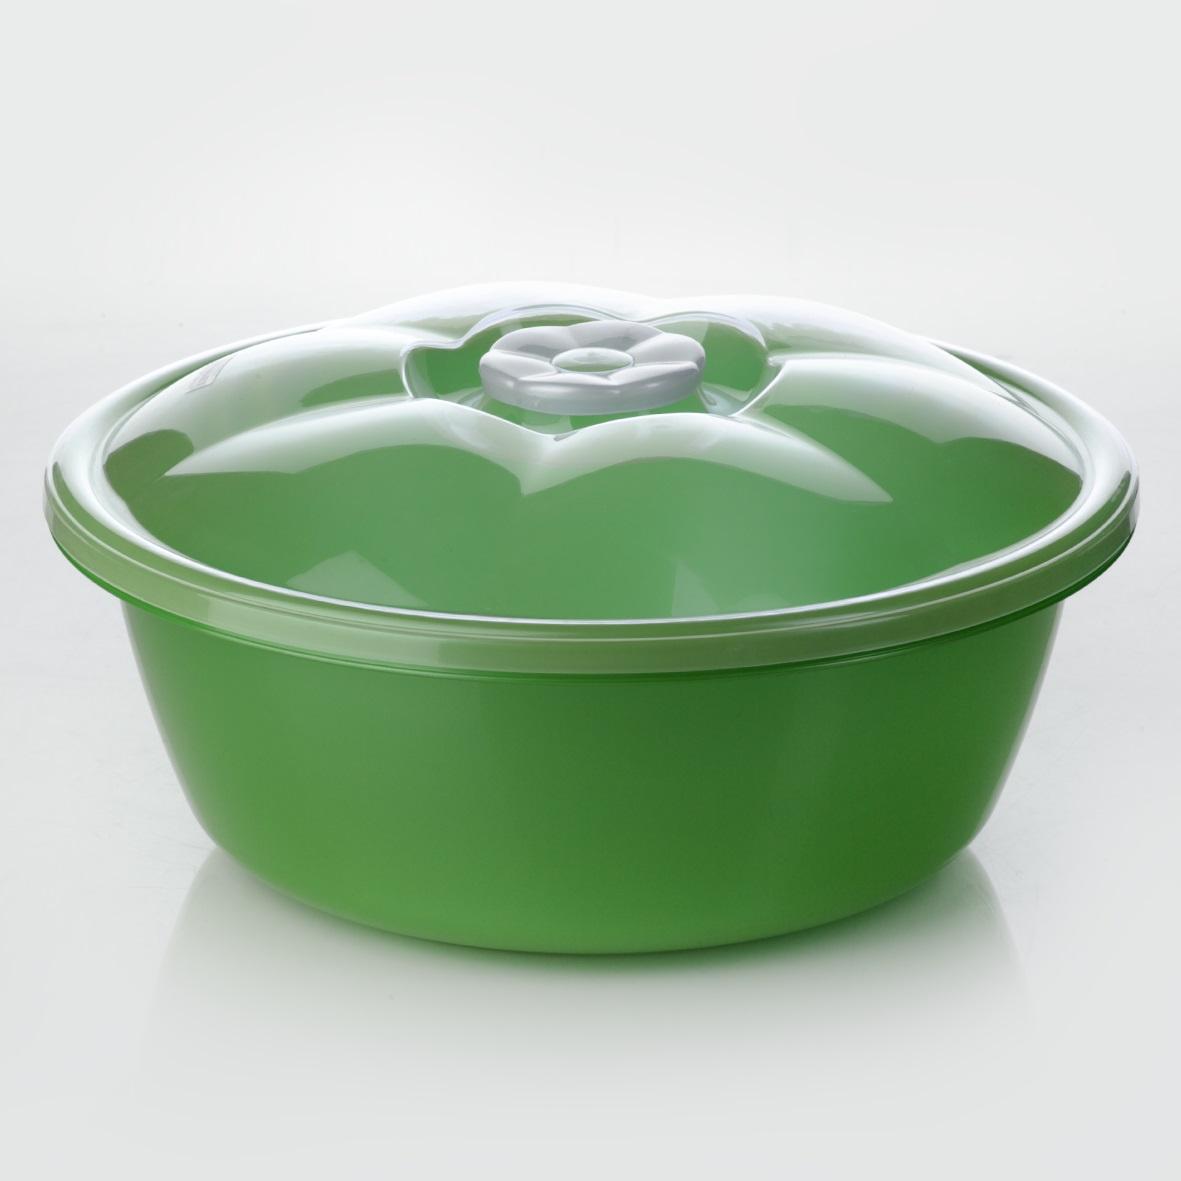 Миска Dunya Plastik, с крышкой, цвет: зеленый, прозрачный, 1,7 л-10422-Миска Dunya Plastik, изготовленная из пластика, имеет круглую форму. Изделие оснащено плотно закрывающейся крышкой. Такая миска прекрасно подойдет для хранения различных бытовых предметов, пищевых продуктов. Объем: 1,7 л